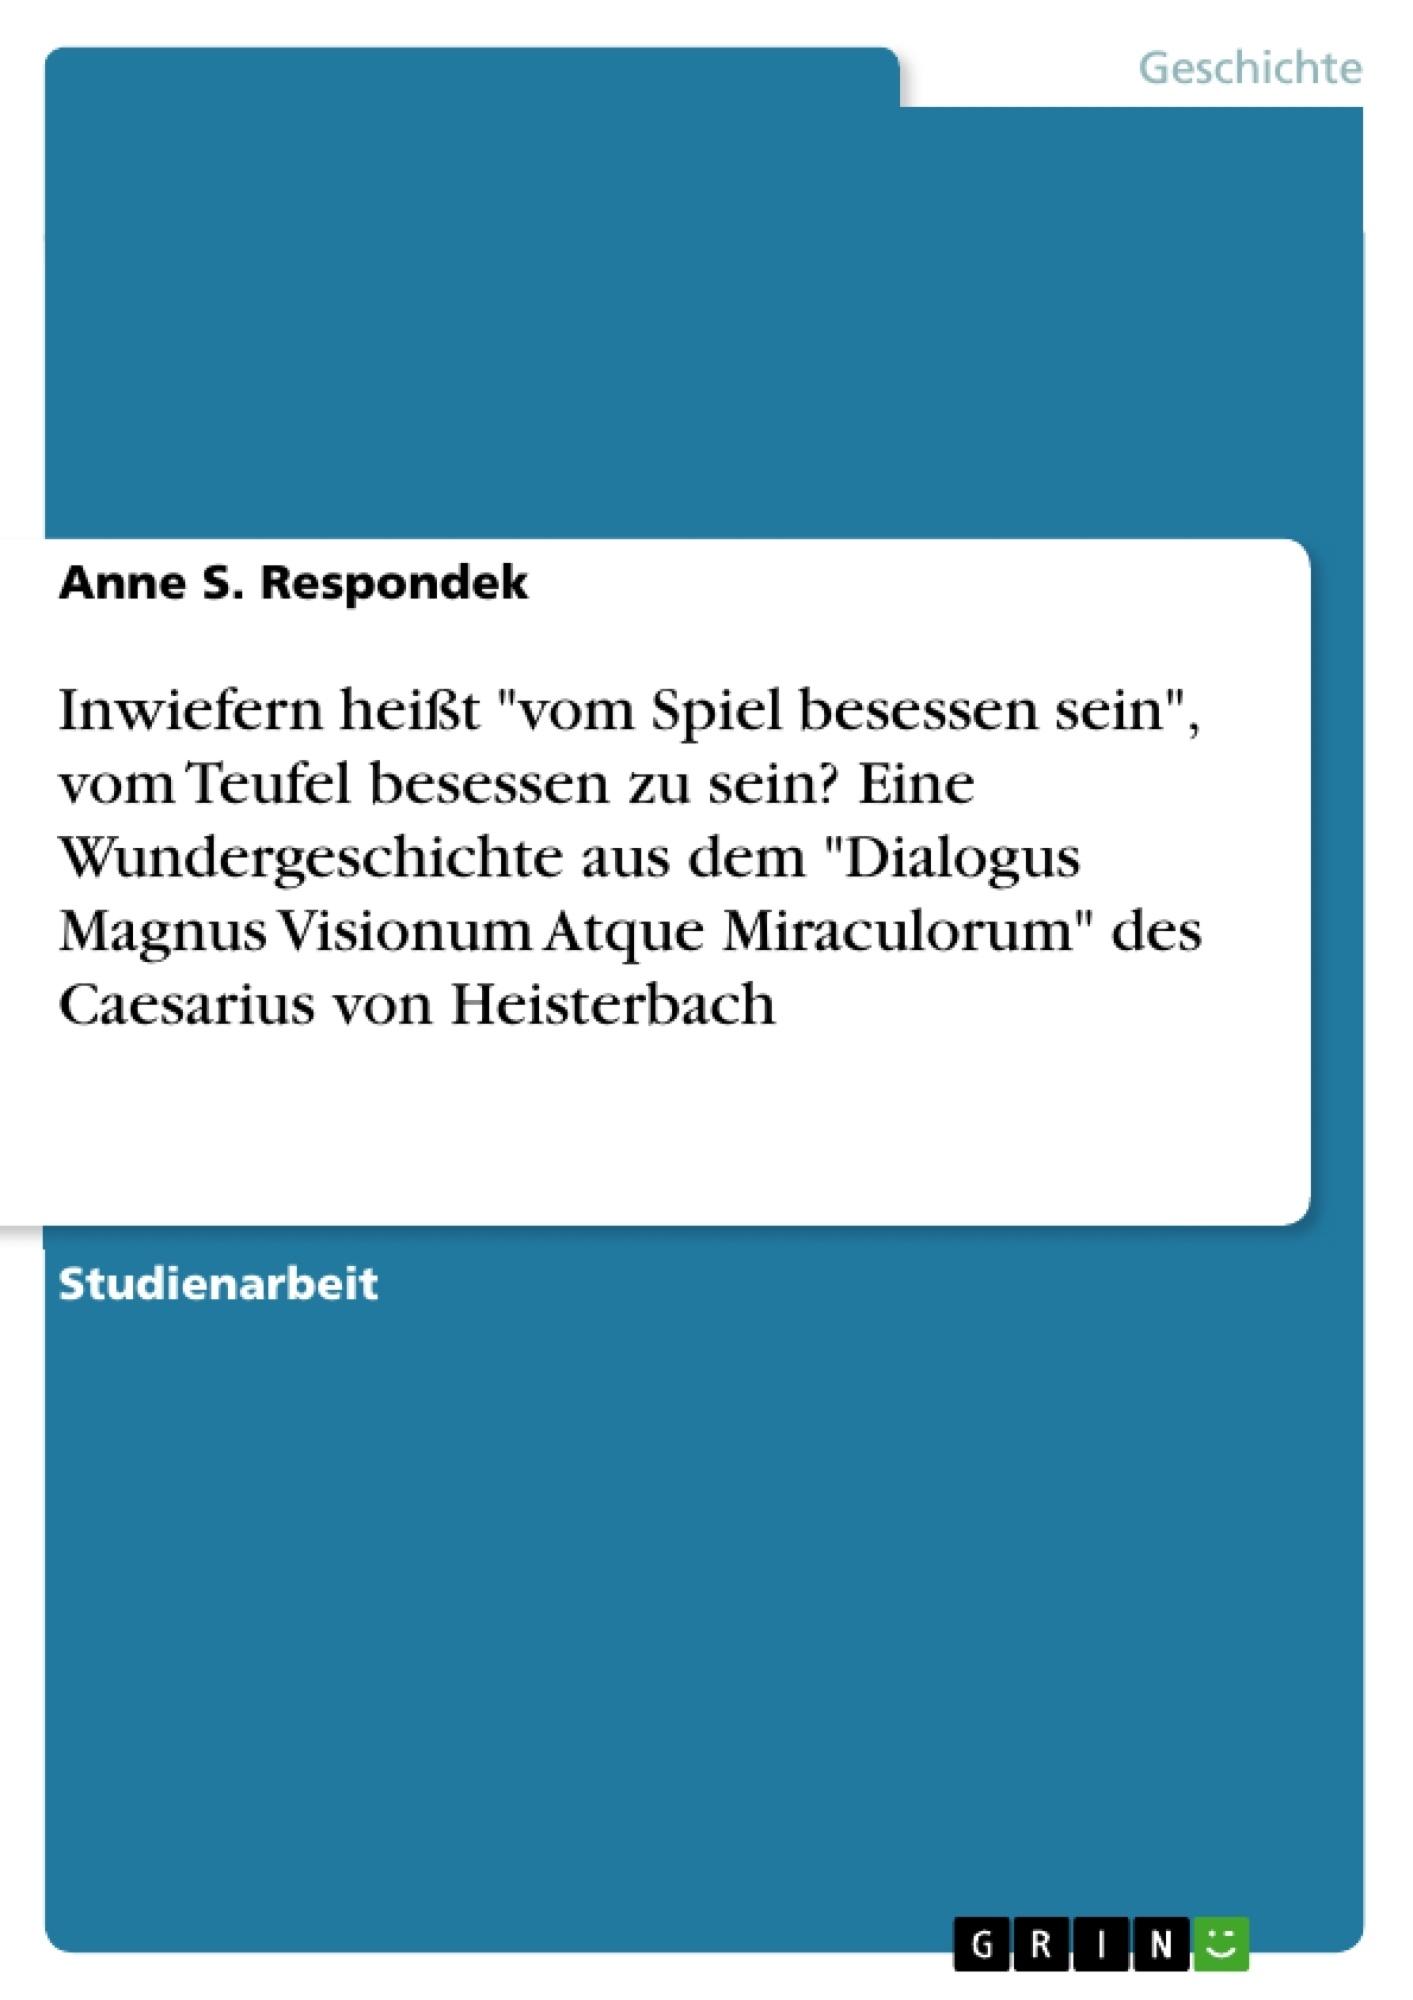 """Titel: Inwiefern heißt """"vom Spiel besessen sein"""", vom Teufel besessen zu sein? Eine Wundergeschichte aus dem """"Dialogus Magnus Visionum Atque Miraculorum"""" des Caesarius von Heisterbach"""